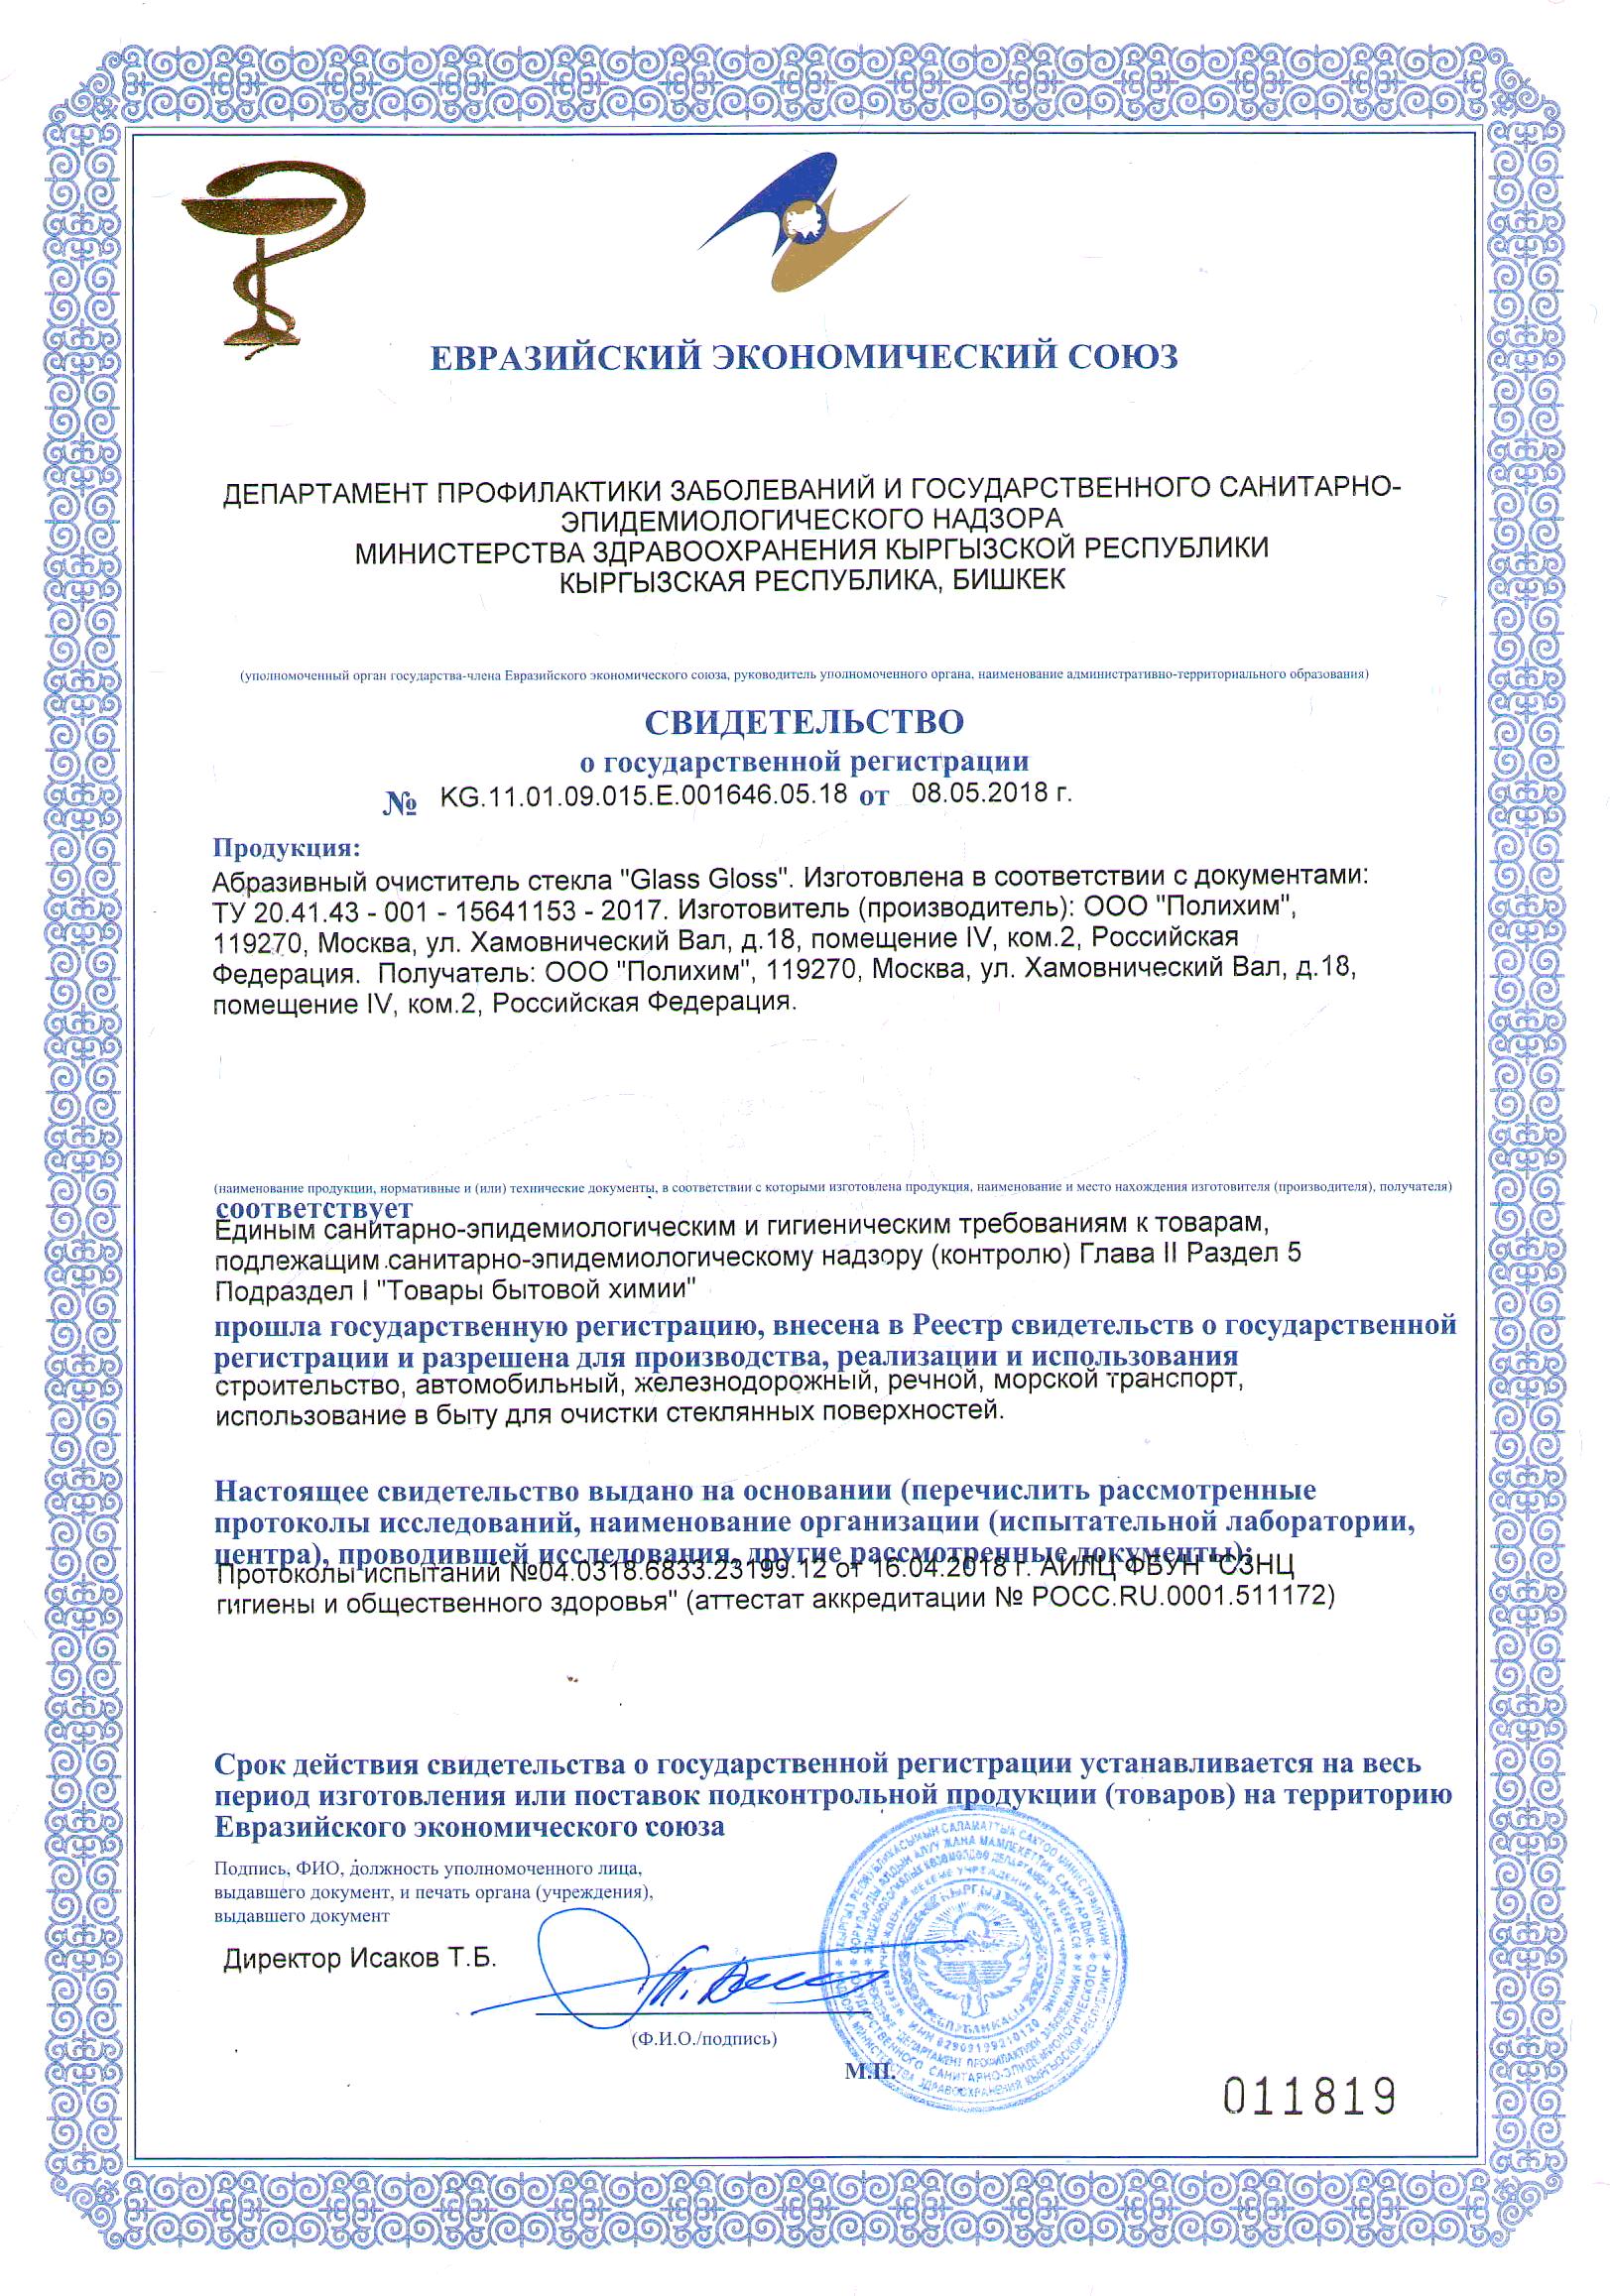 tild6335-3234-4235-b963-303534663662__certi